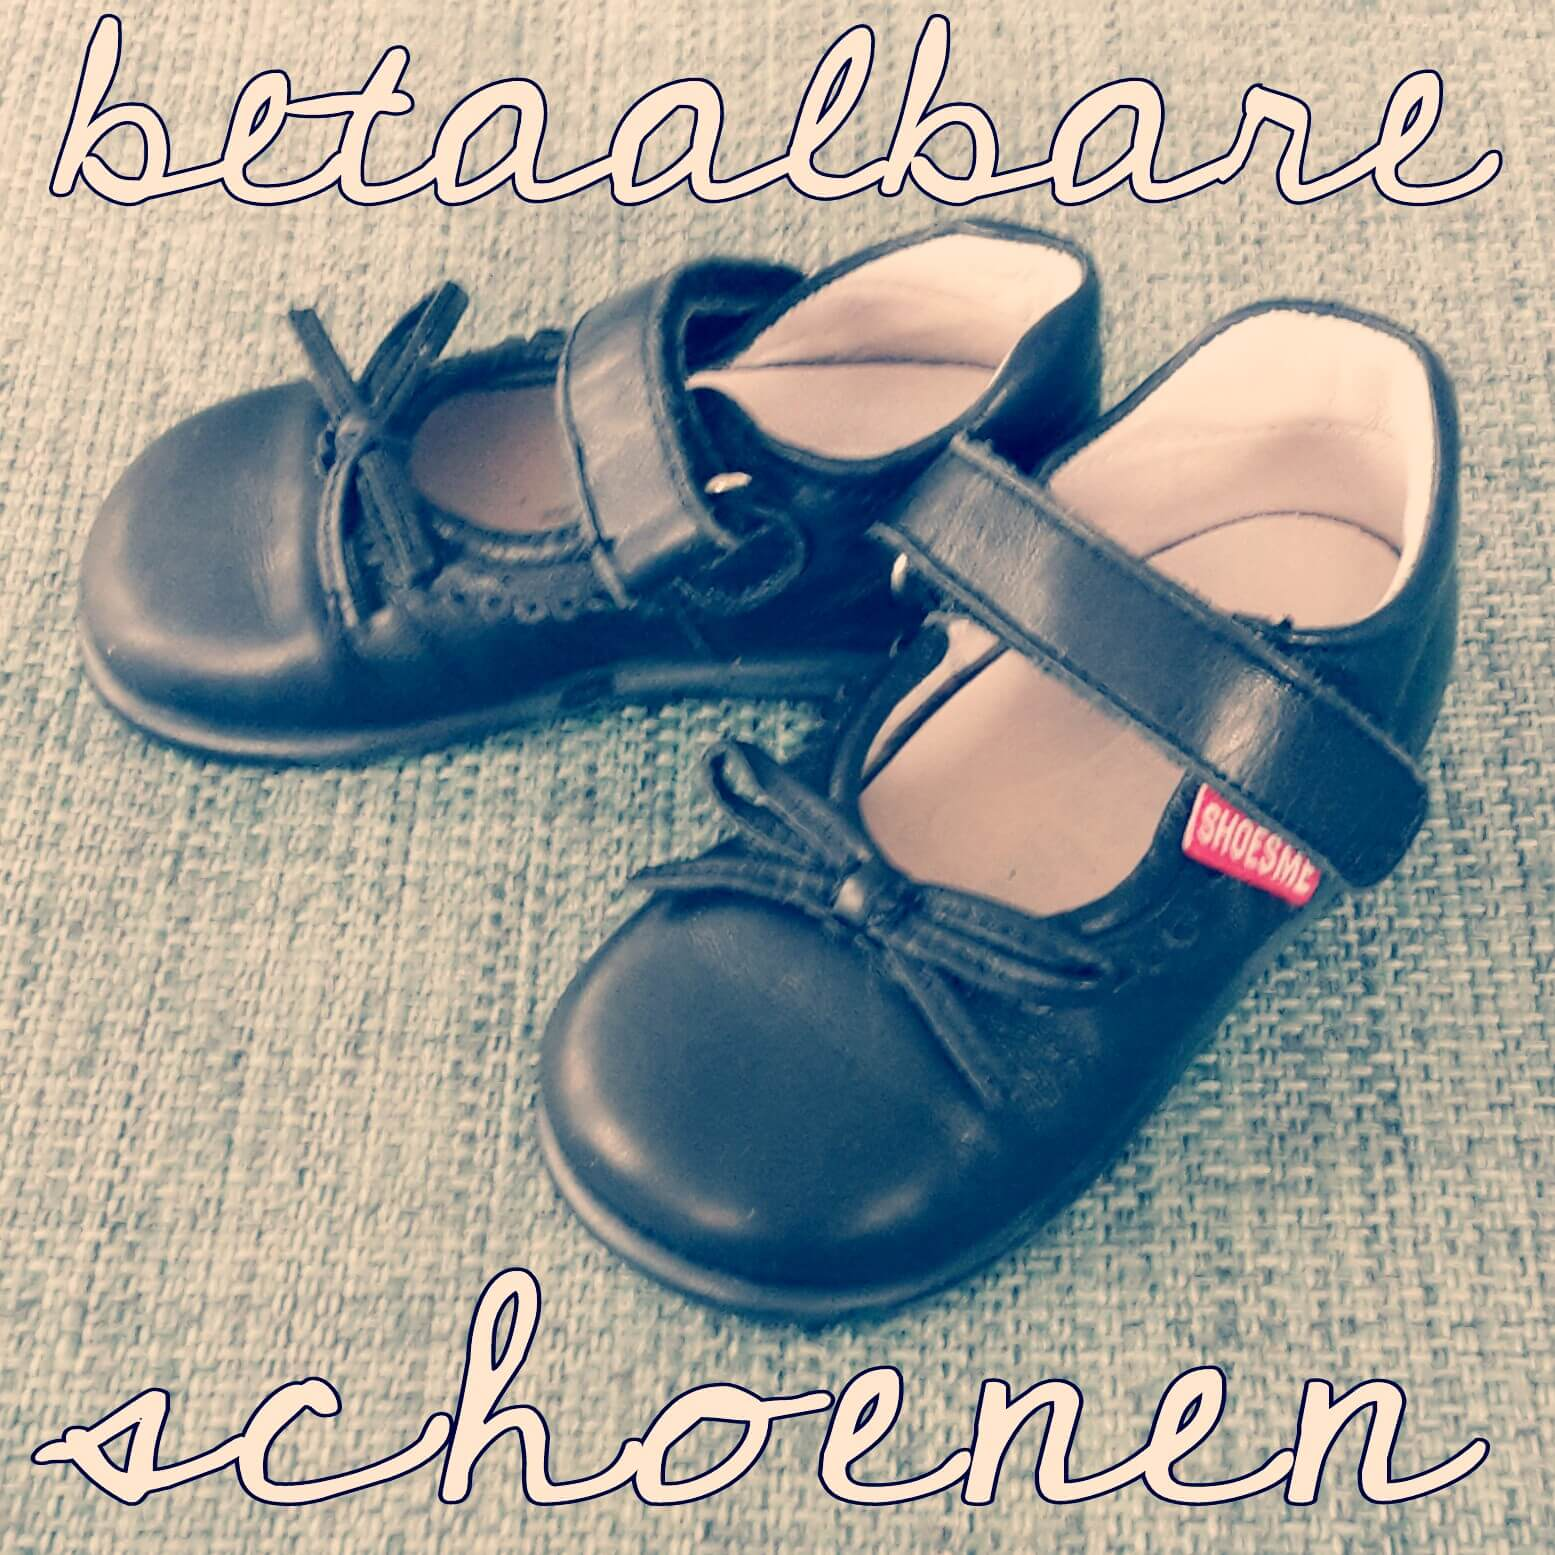 Betaalbare en leuke schoenen voor kids: ze bestaan echt